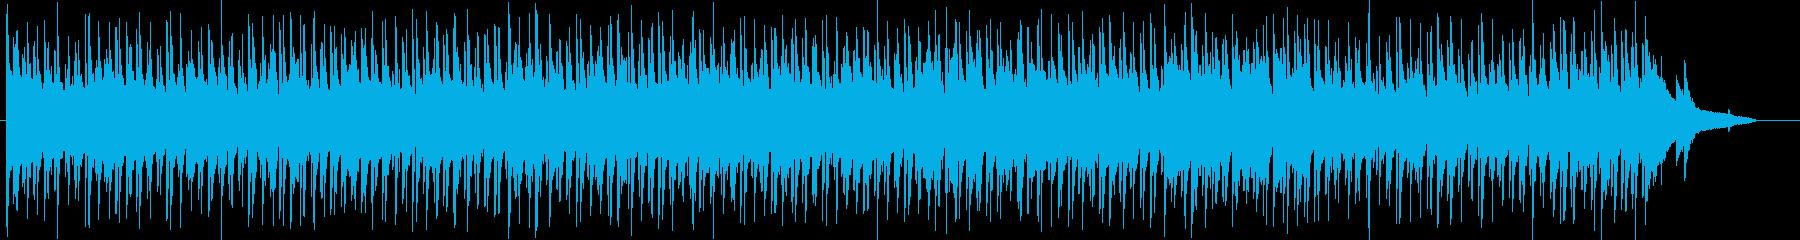 さわやか 軽快 いきいき 散歩 情報の再生済みの波形